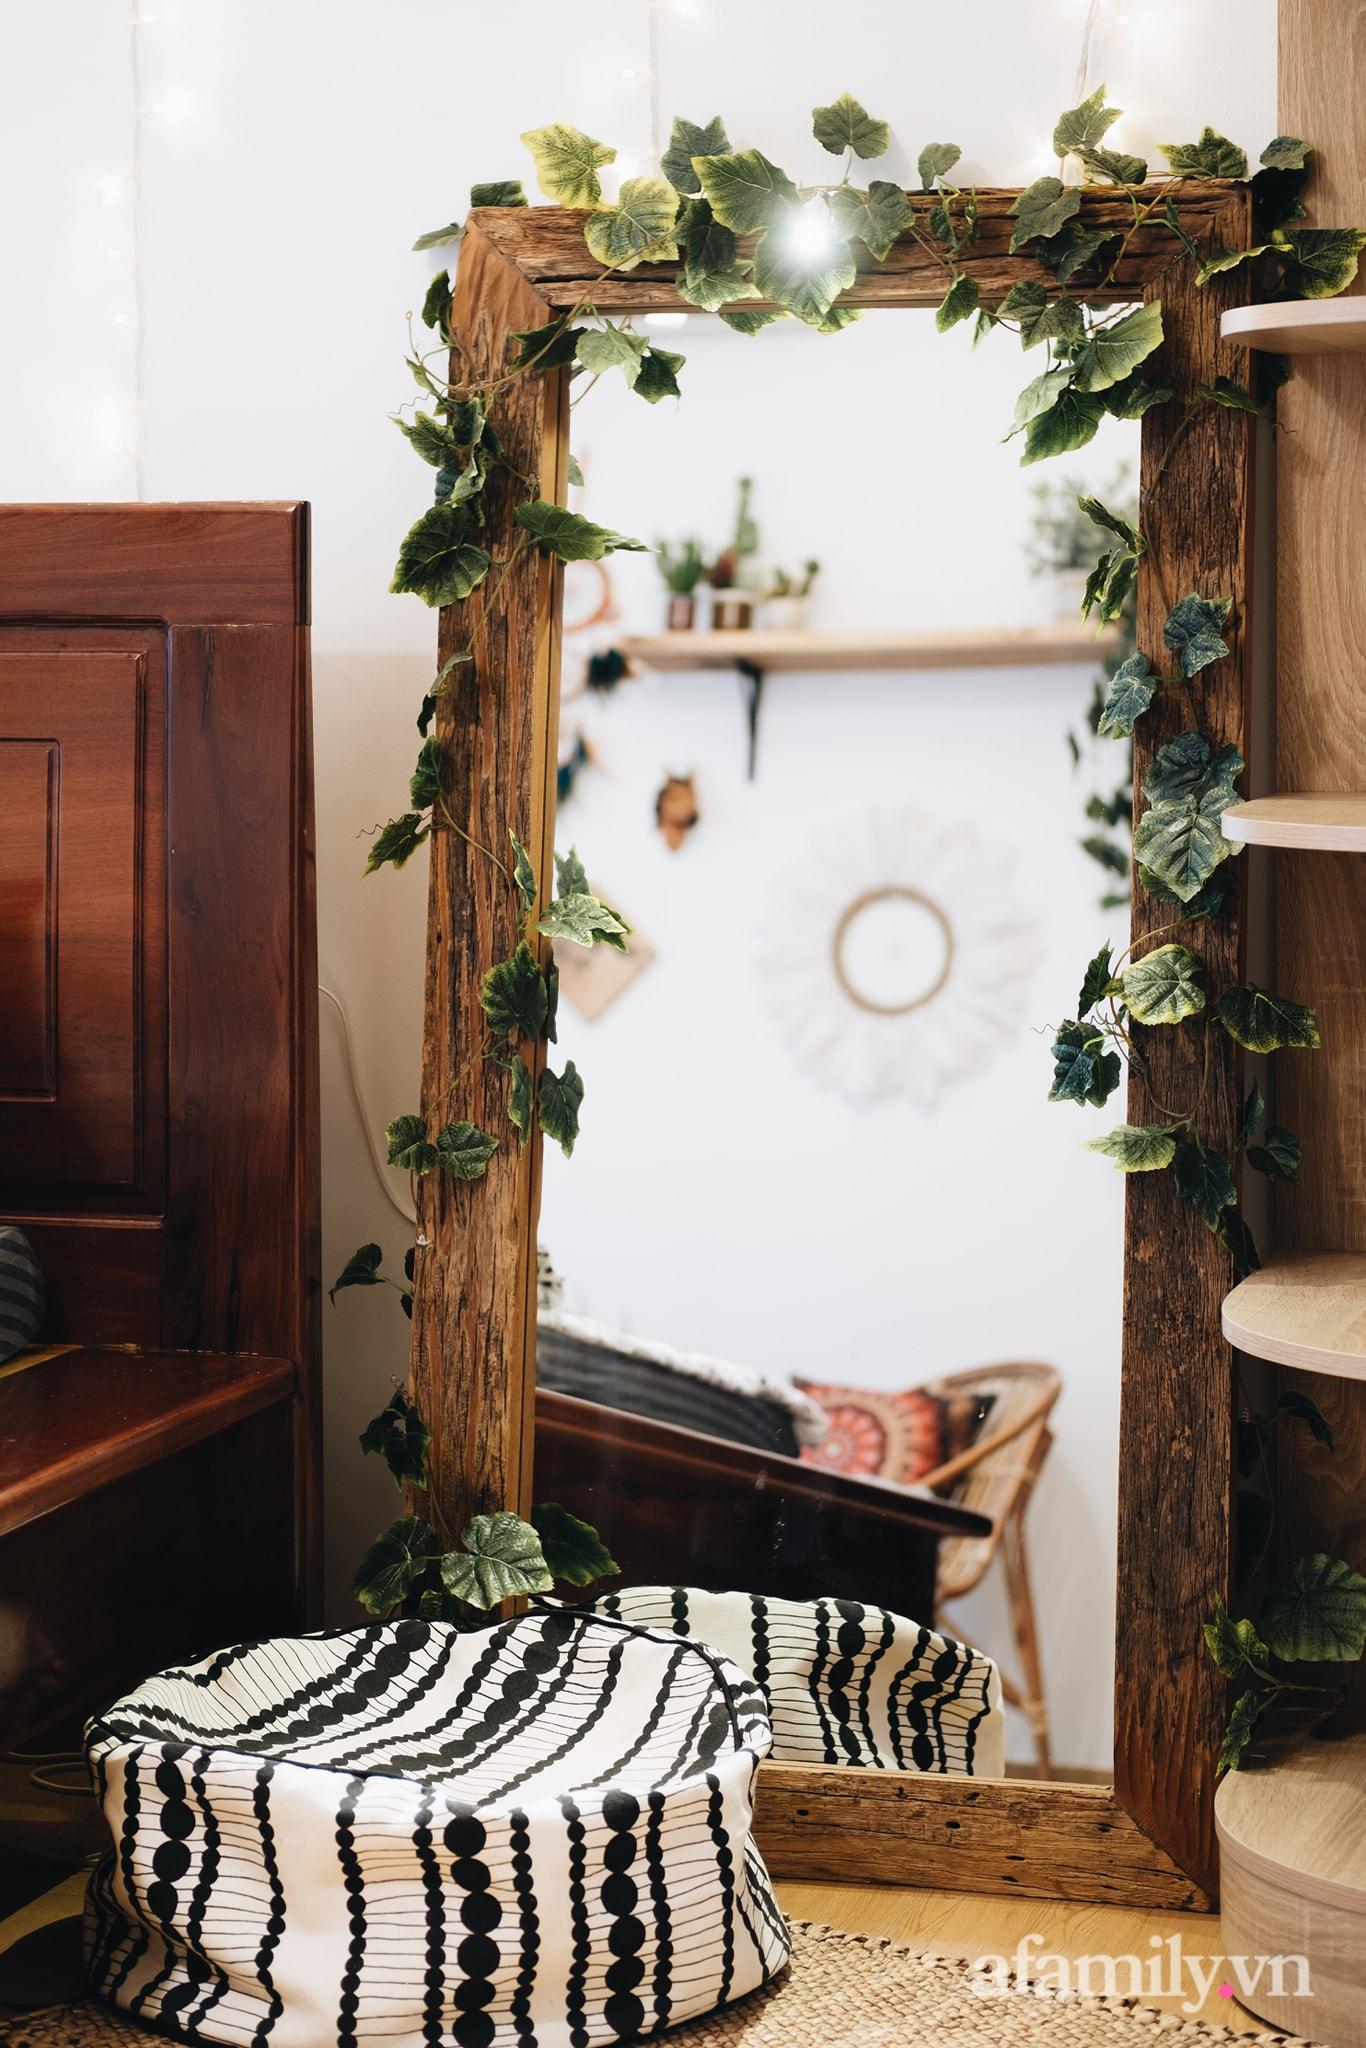 Cải tạo phòng ngủ cũ thành phòng tân hôn đẹp lãng mạn theo phong cách Boho với chi phí décor 50 triệu đồng ở Sài Gòn - Ảnh 9.